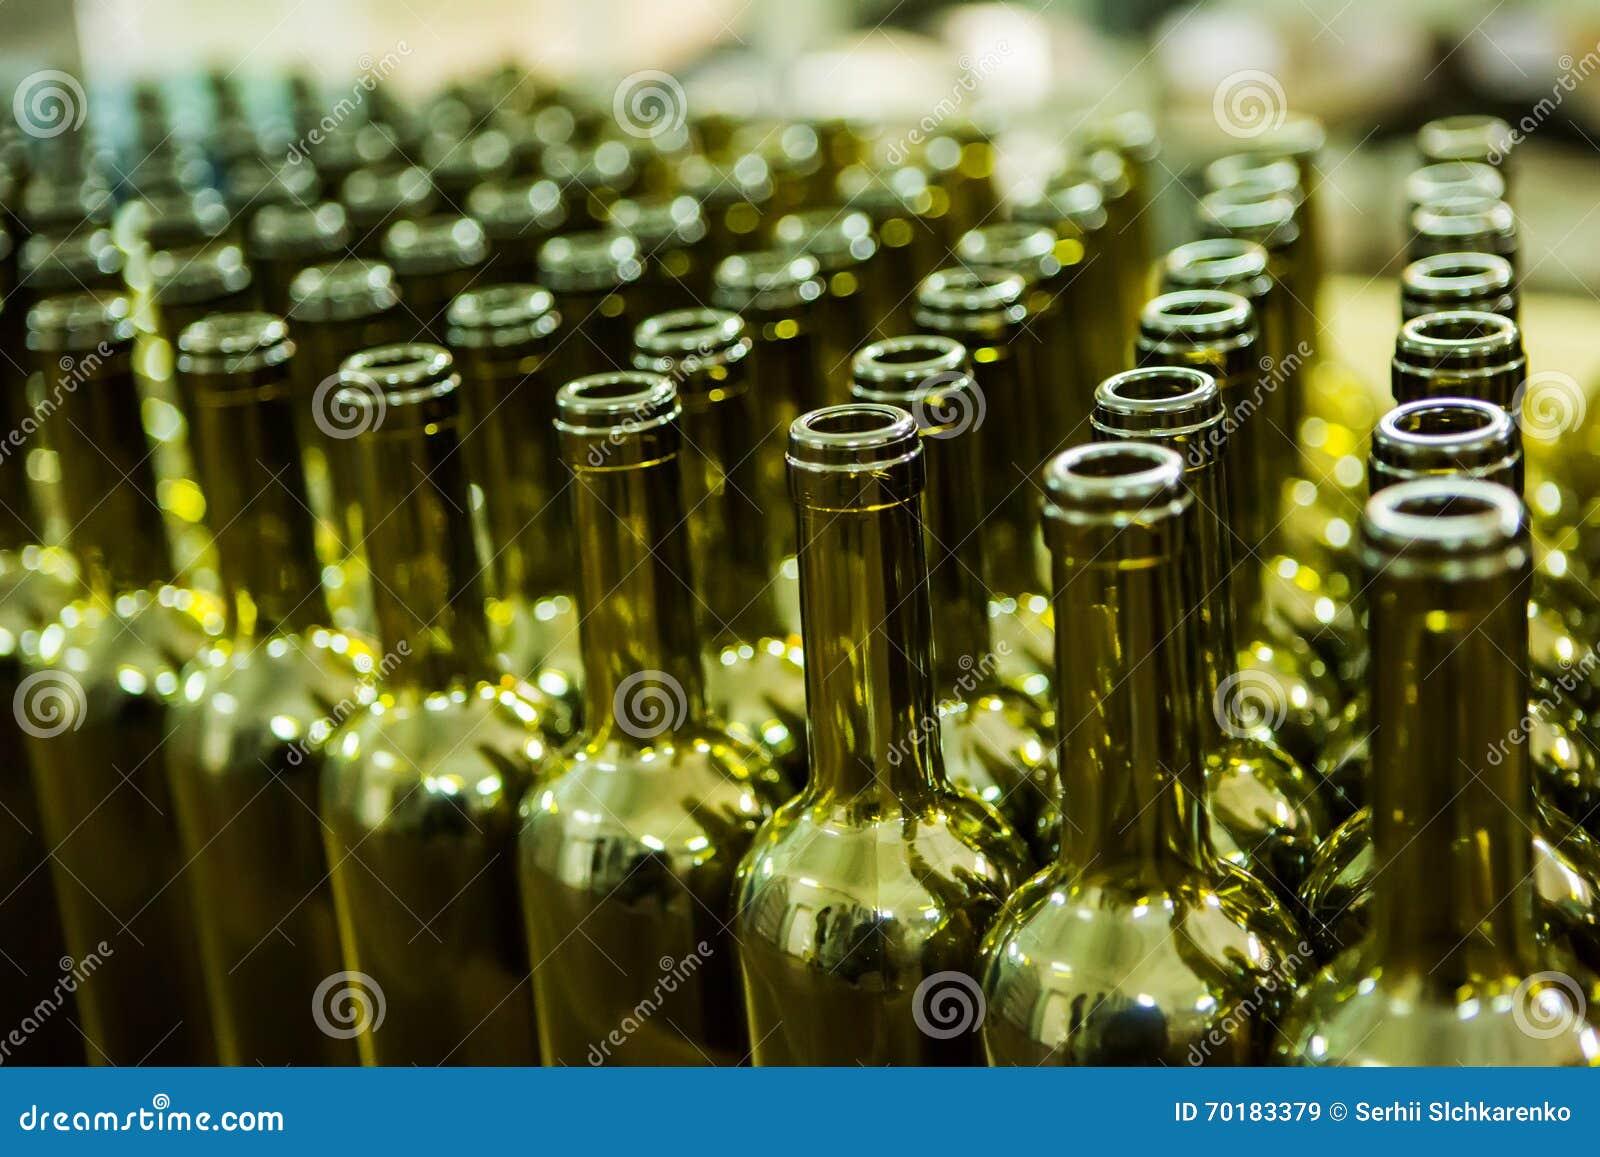 Den stora gruppen av gräsplan återanvände glass vinflaskor på vinodlingen